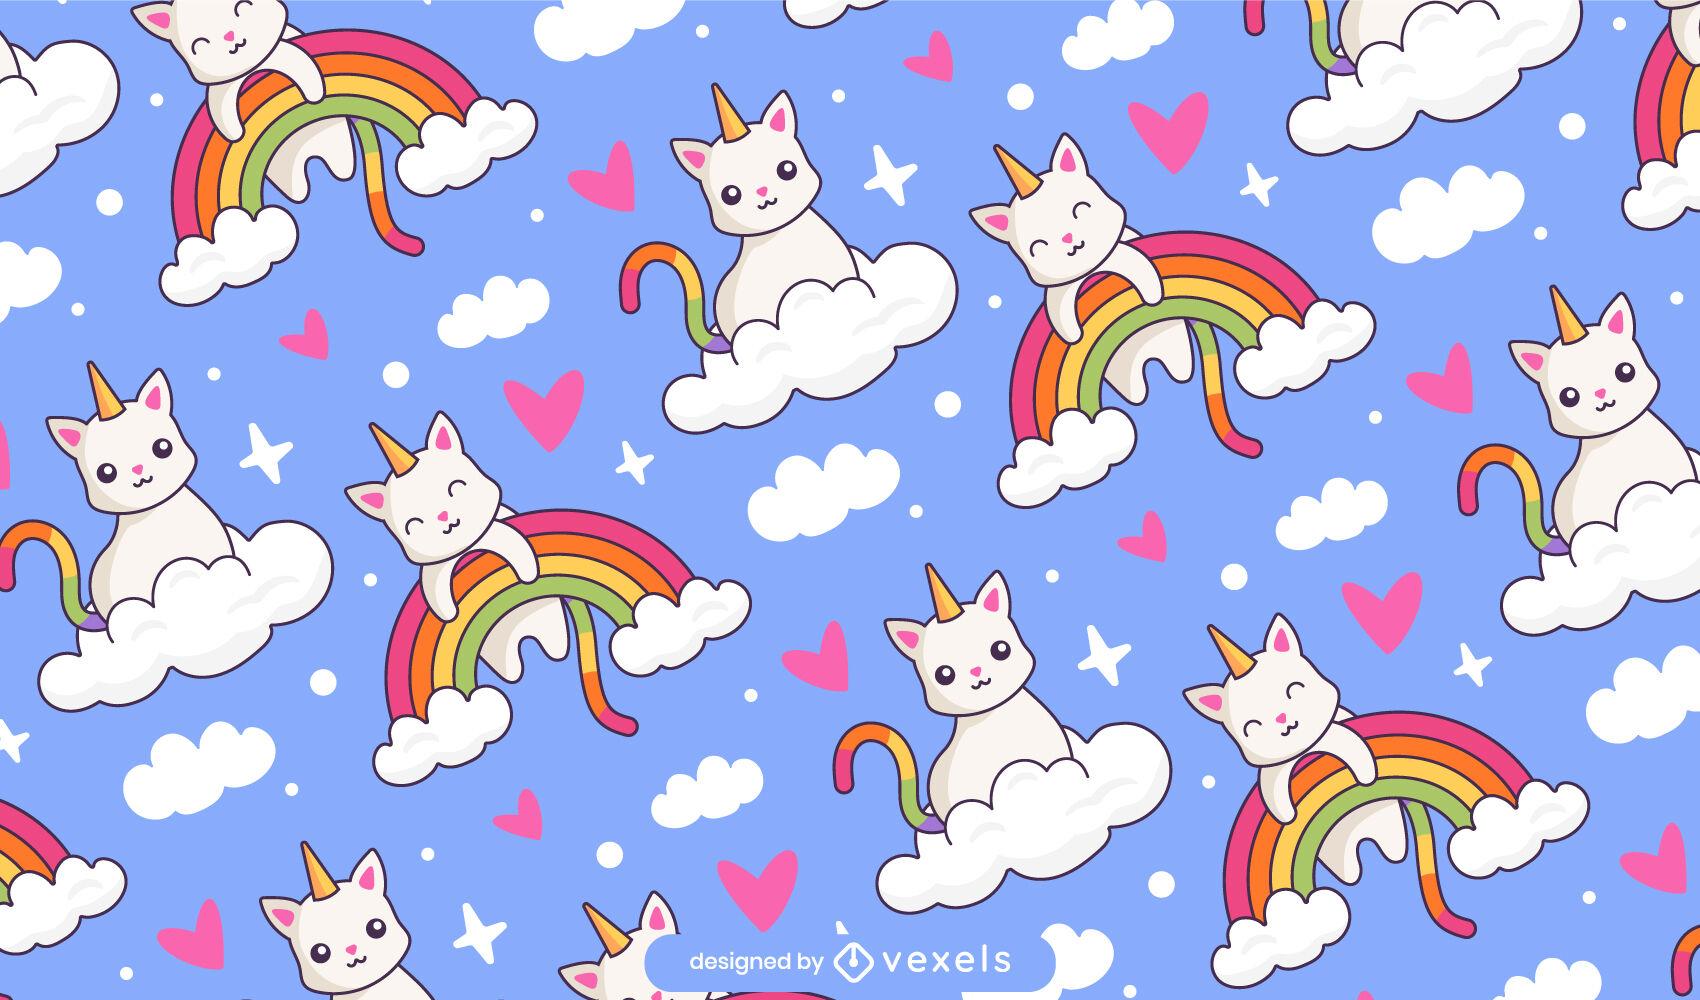 Animais gato unicórnio em padrão de arco-íris